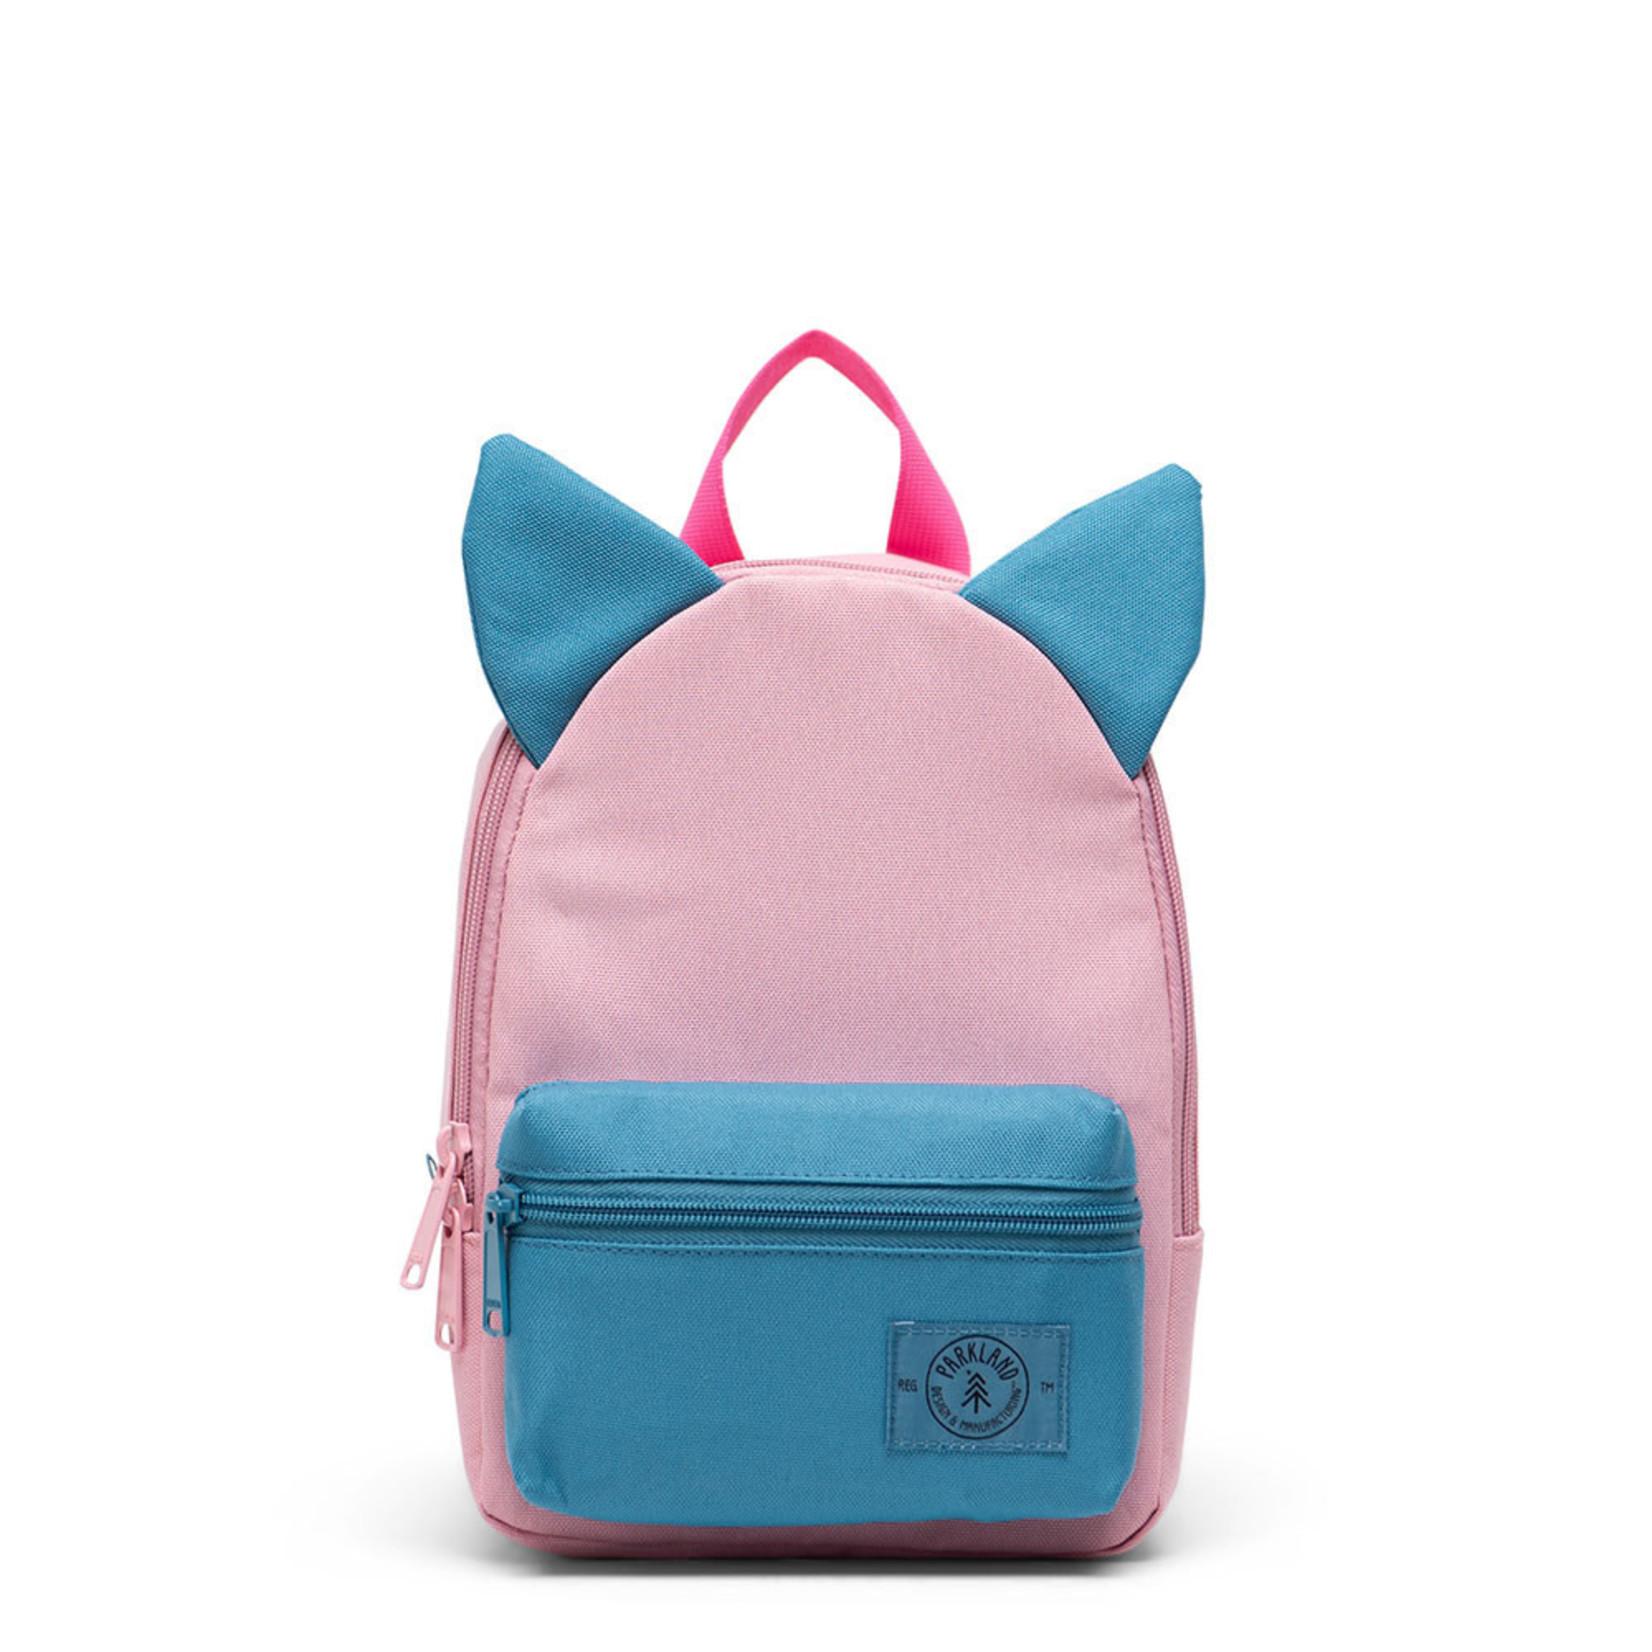 PARKLAND PARKLAND backpack Little monster